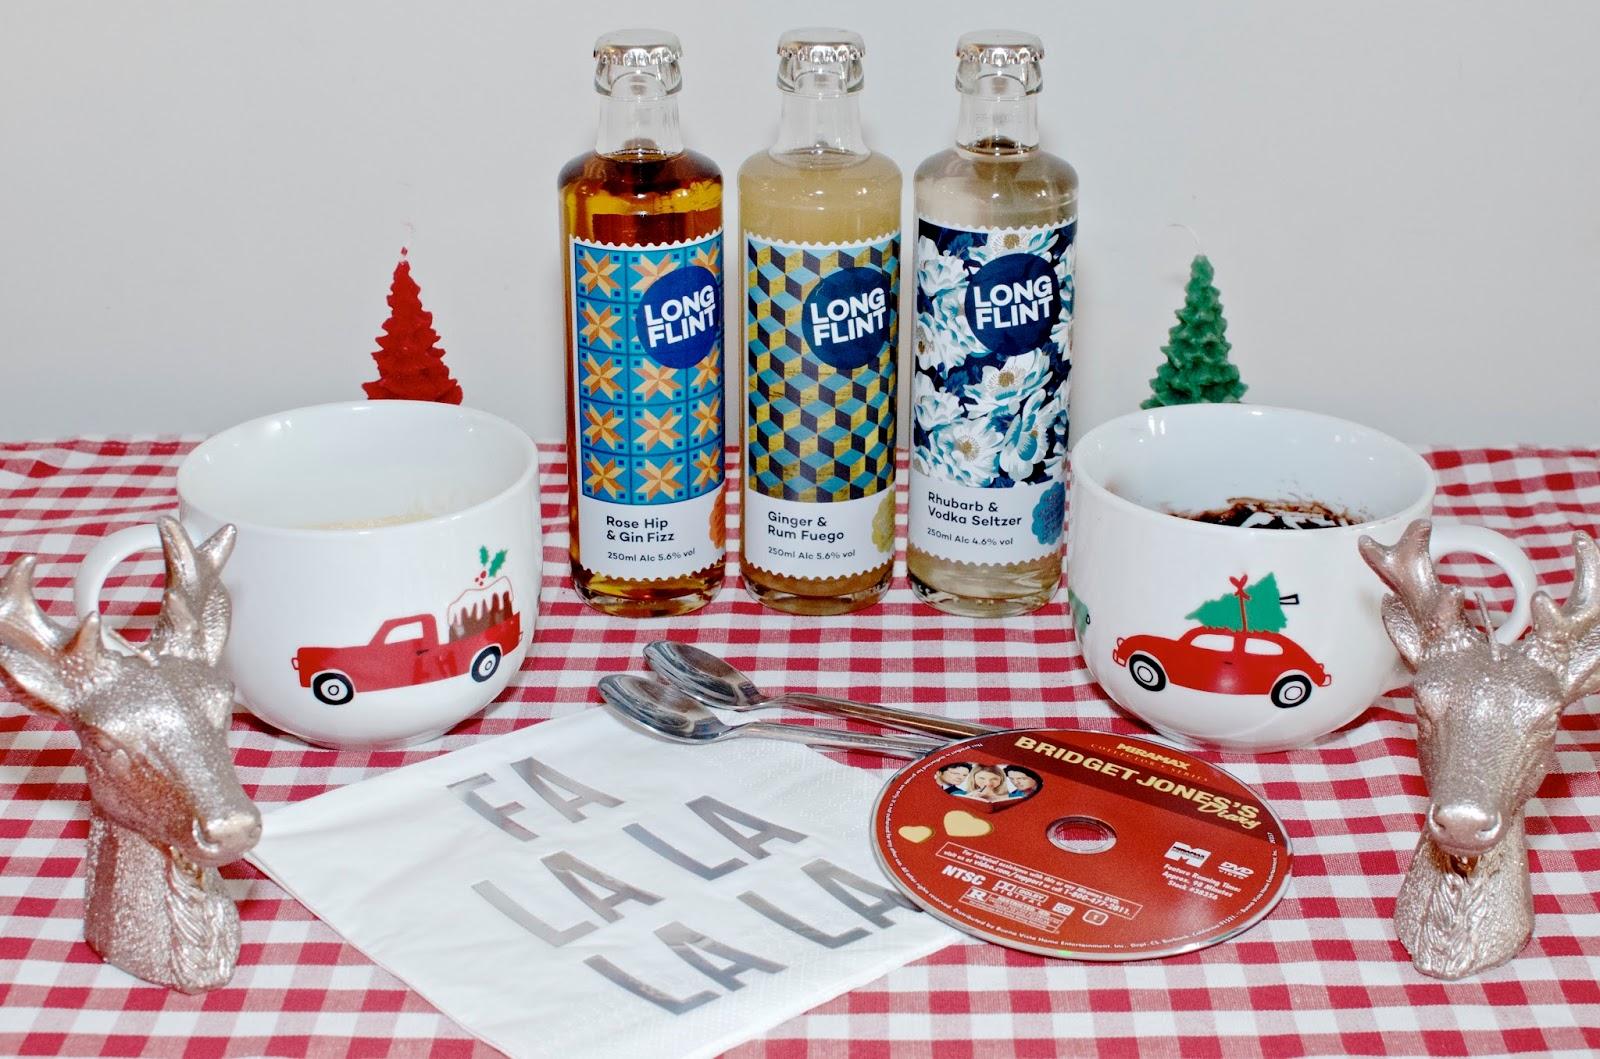 Christmas mugs, reindeer candles, Bridget Jones DVD, napkins and bottled cocktails